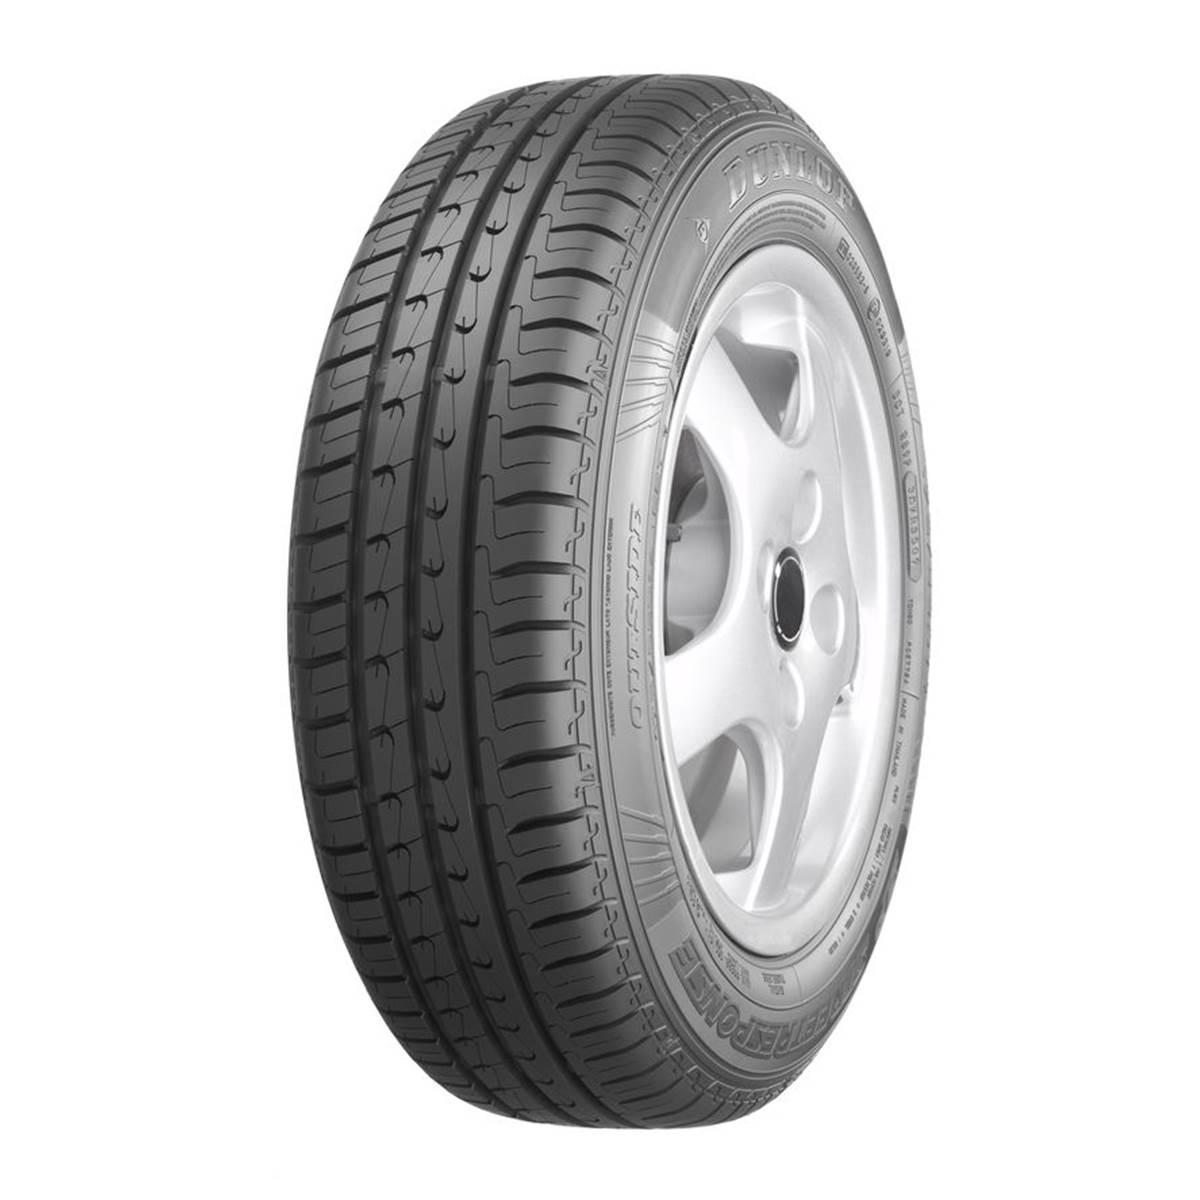 Pneu Dunlop 155/65R13 73T Sp Street Response 2